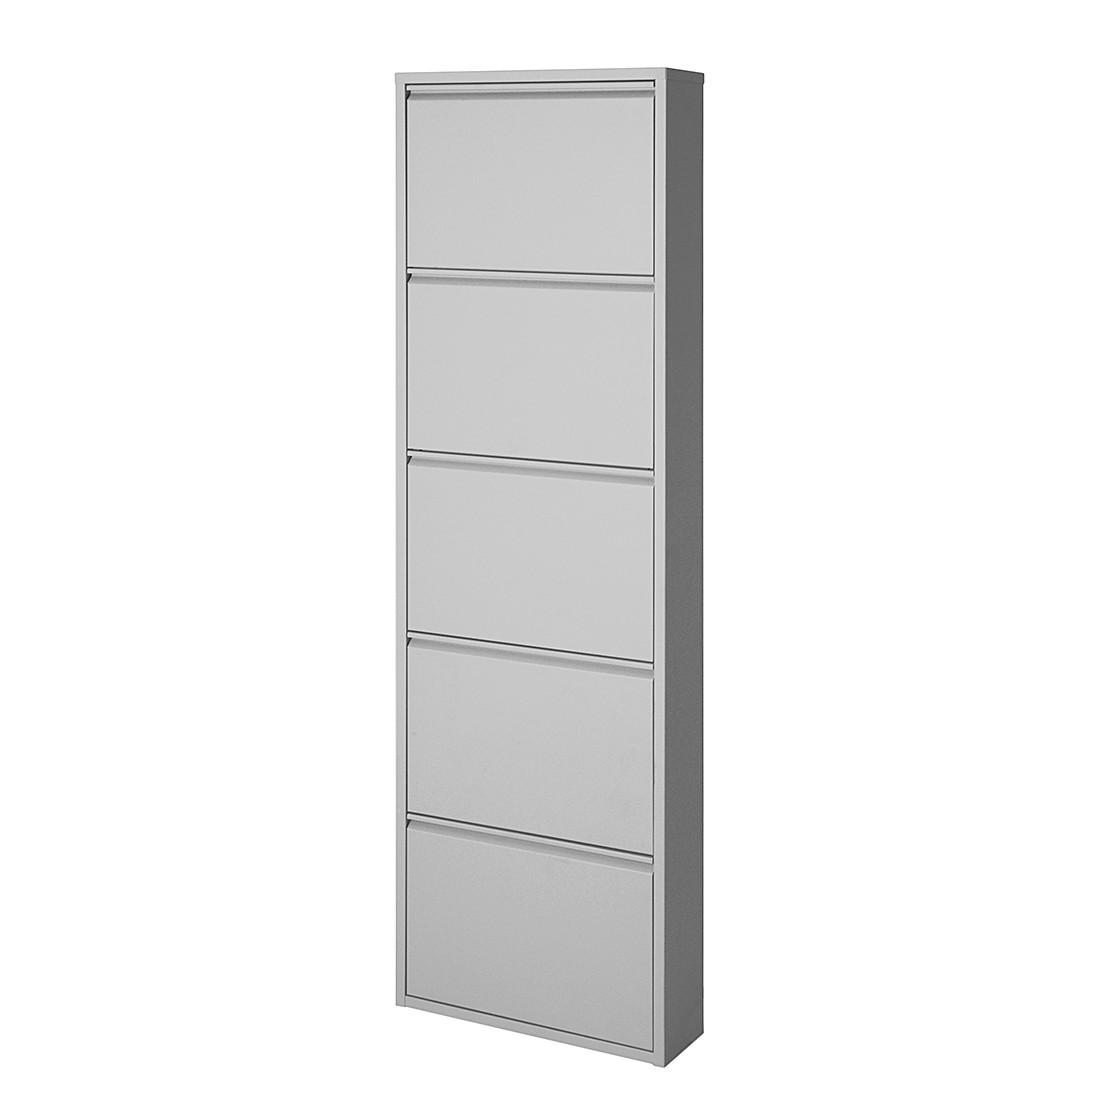 silber-metall Schuhschränke online kaufen | Möbel-Suchmaschine ...